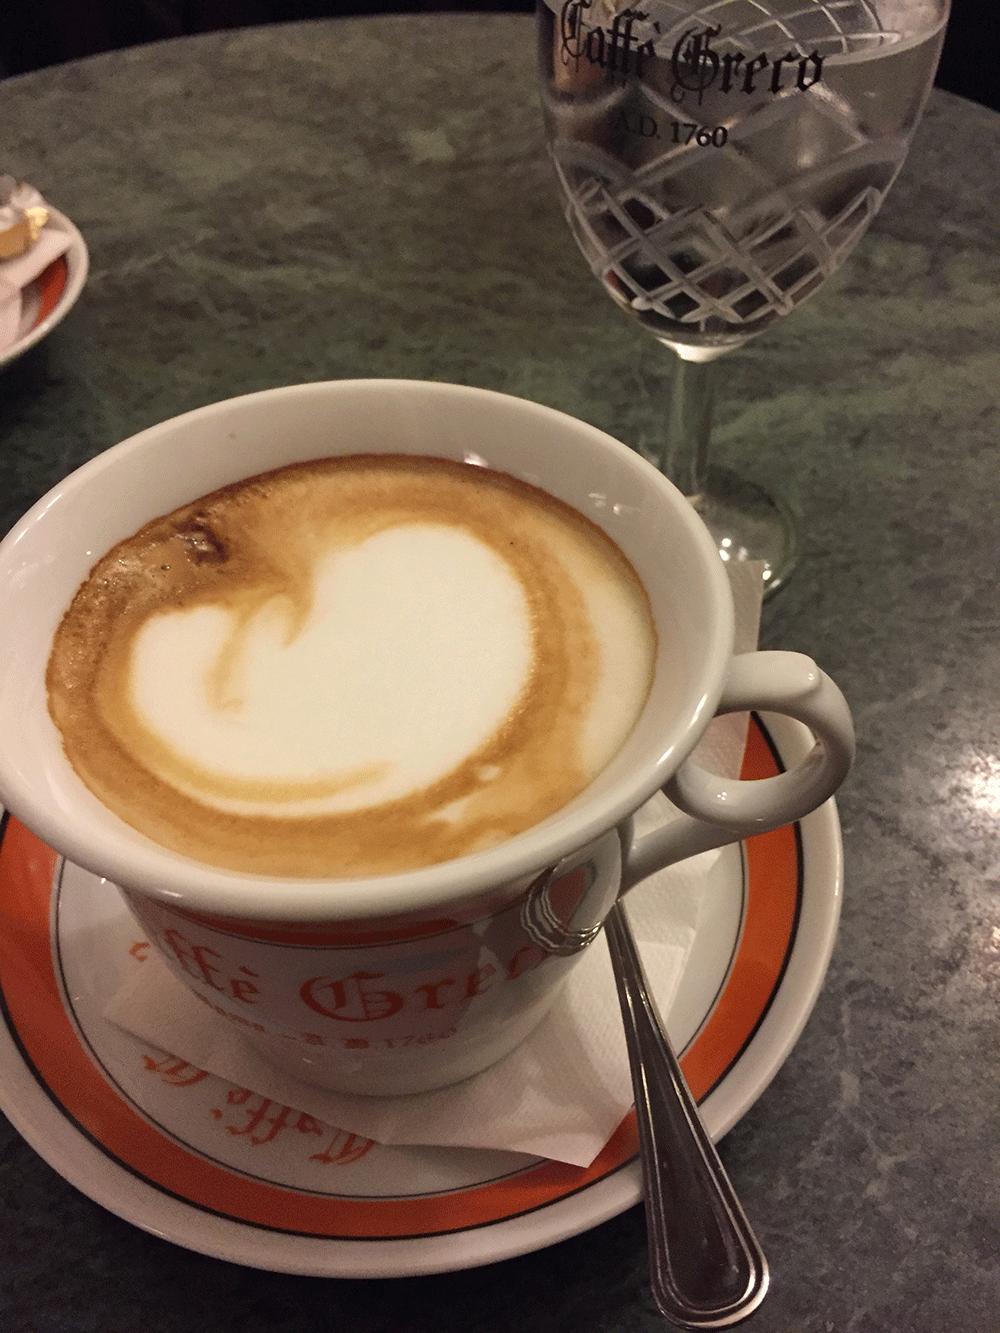 Hayatım boyunca içtiğim en pahalı kahve!